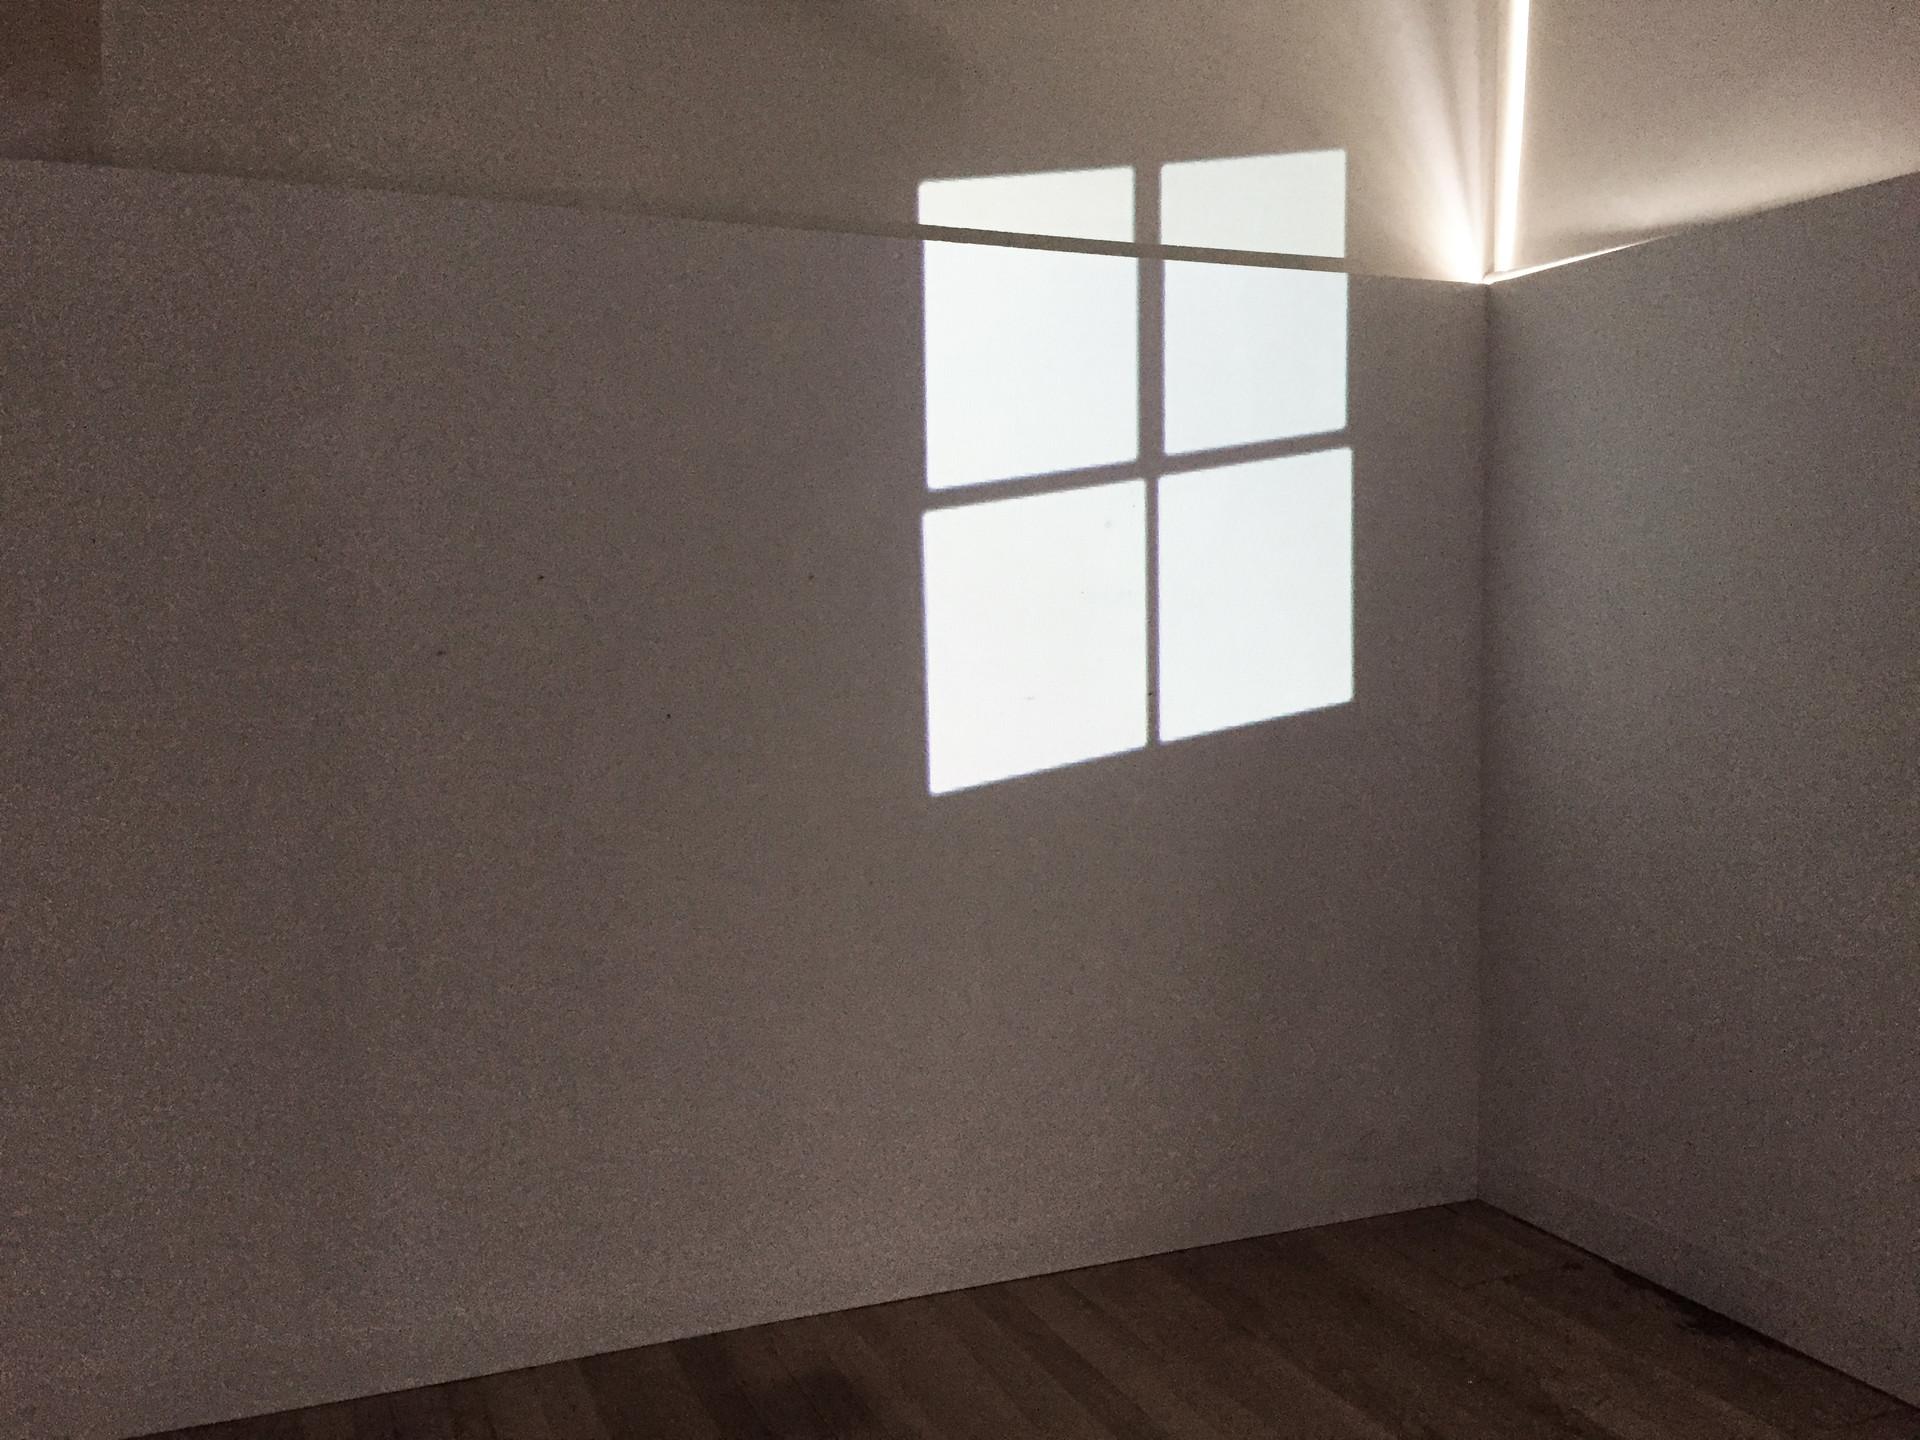 window study